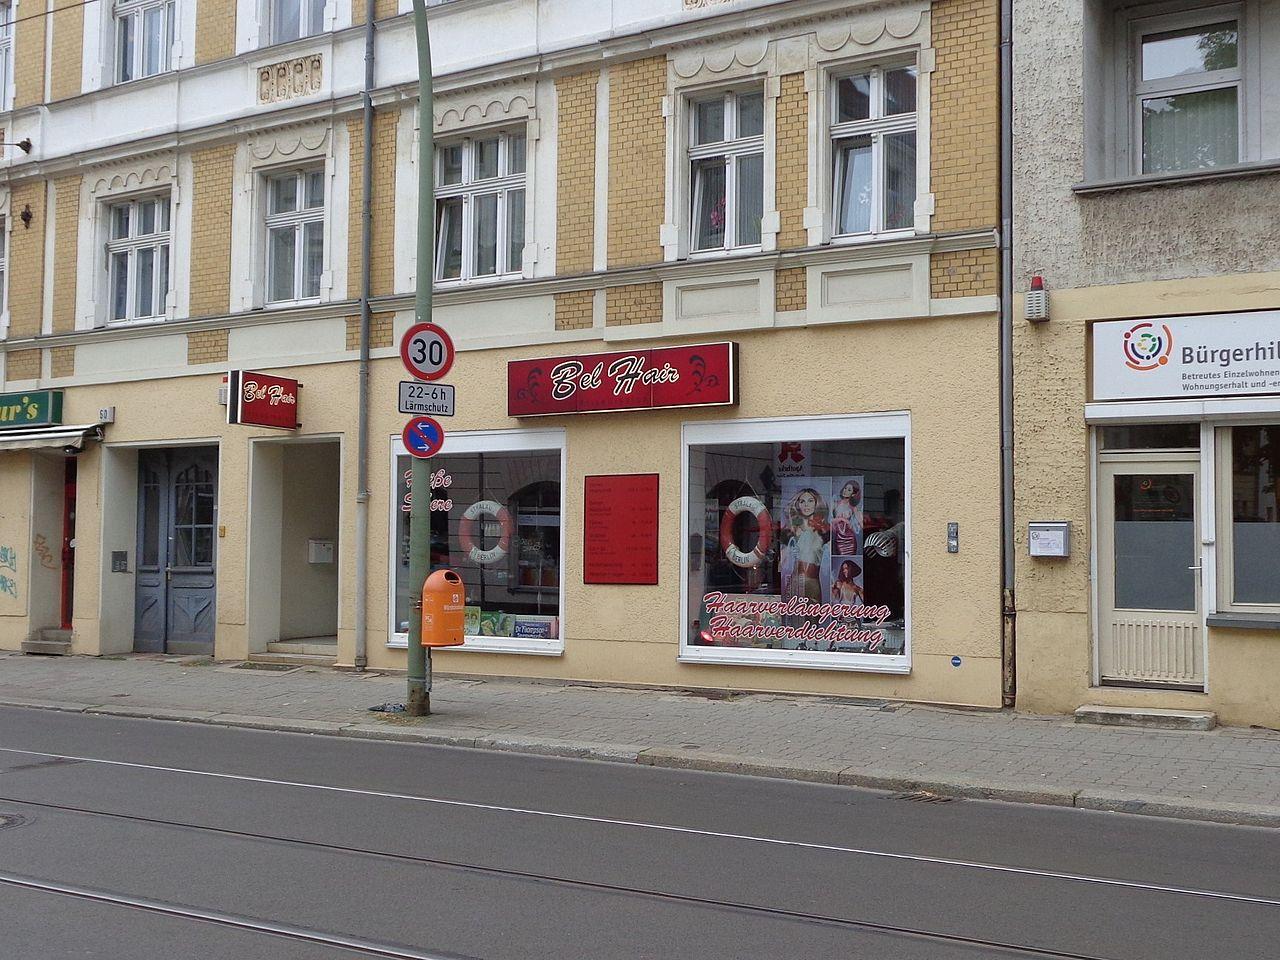 File:Friseur Bel Hair in Berlin-Adlershof.JPG - Wikimedia Commons